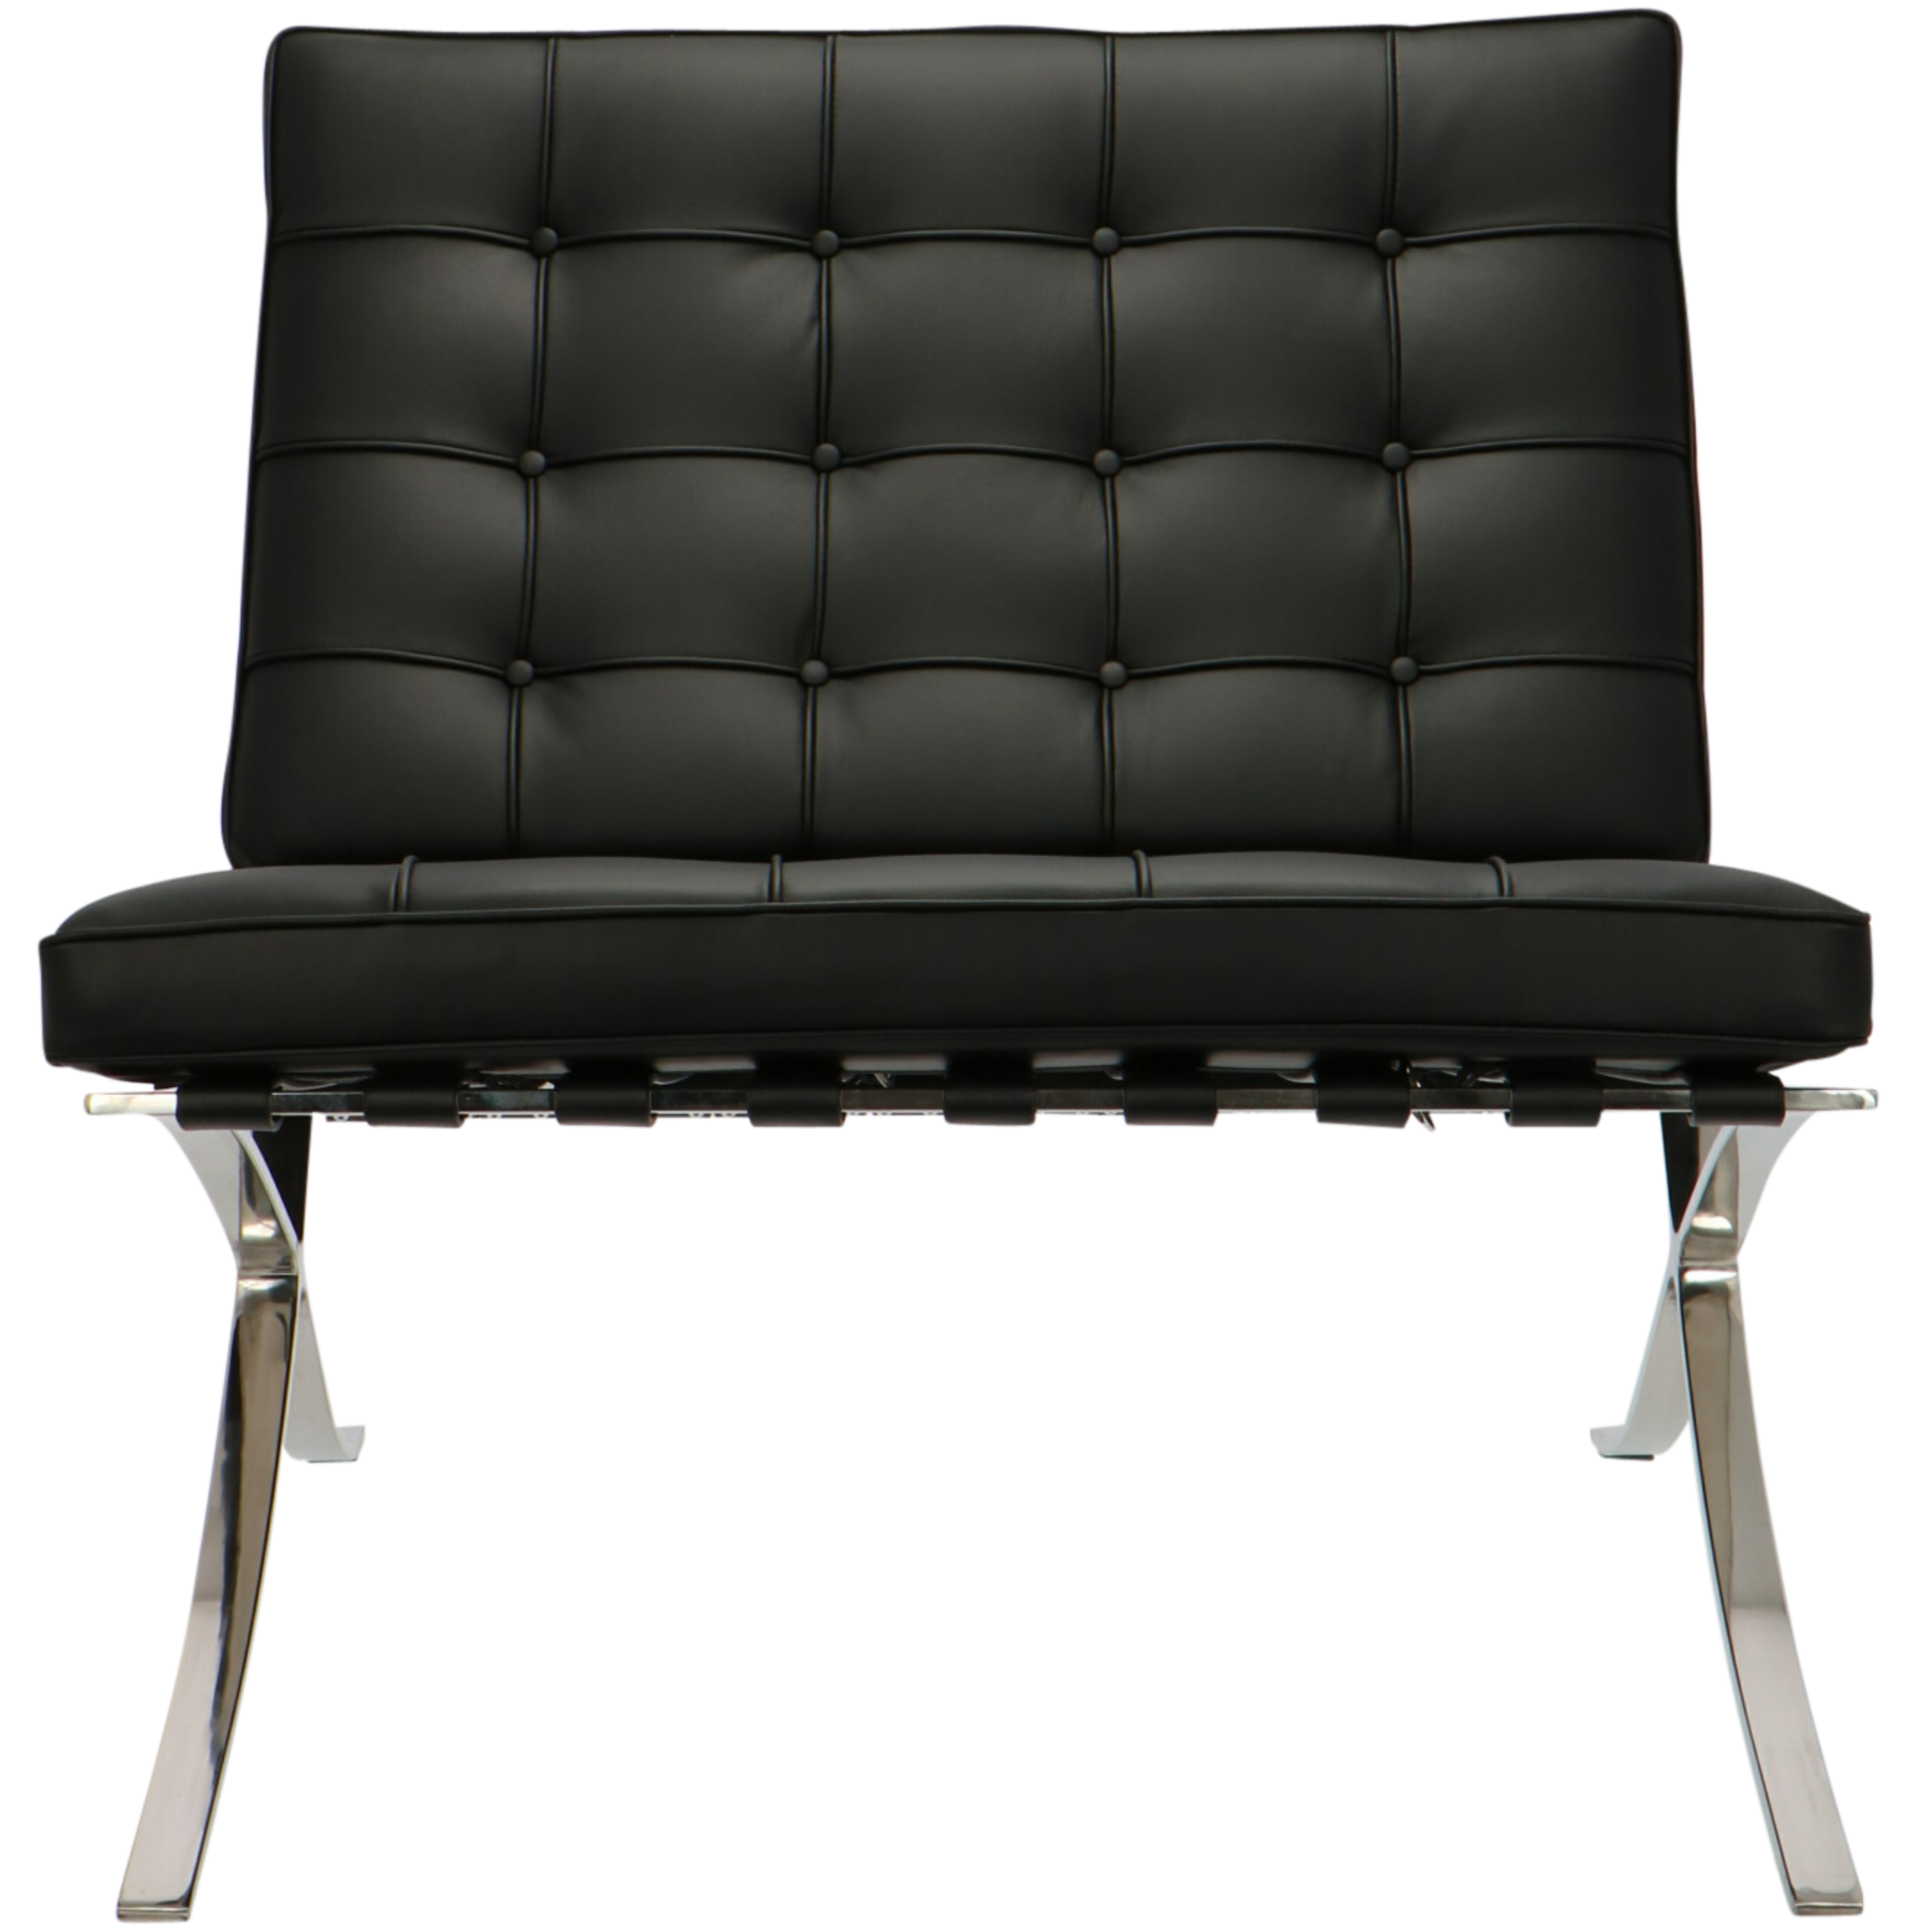 Der Barcelona Chair